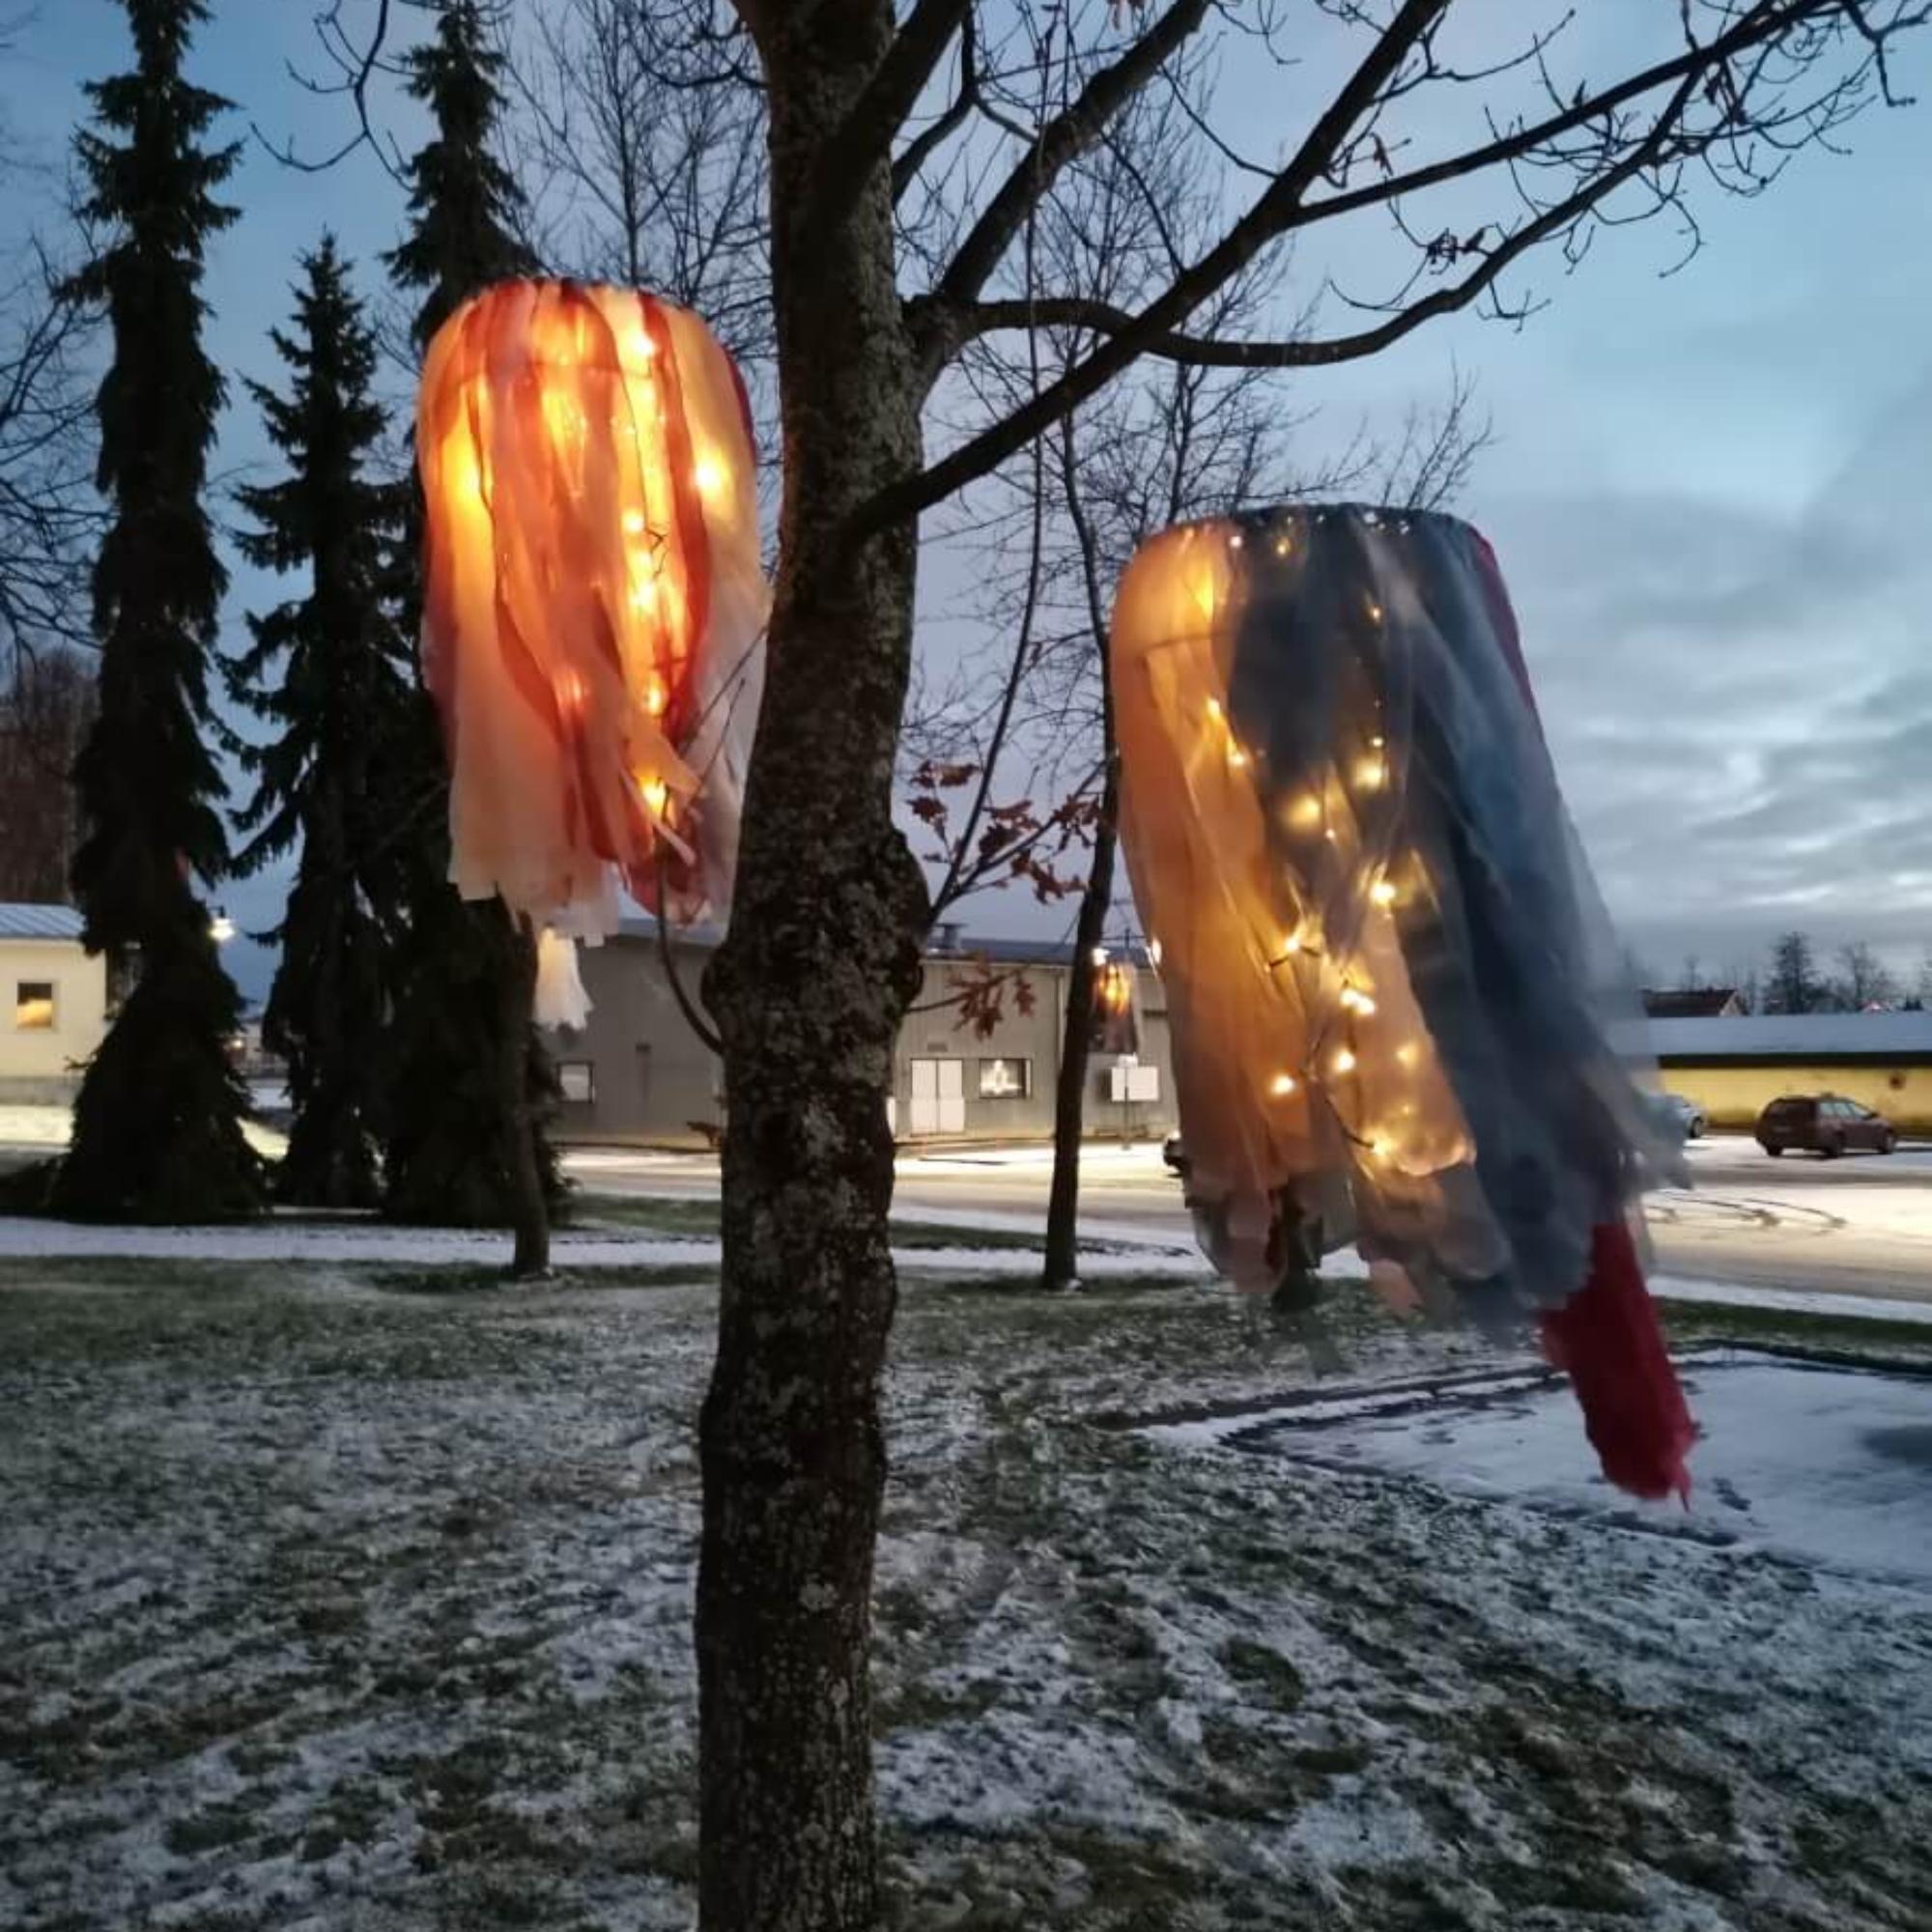 Lapuan taidekoulun käityötaiteen oppilaiden valoteoksia pihapuussa.